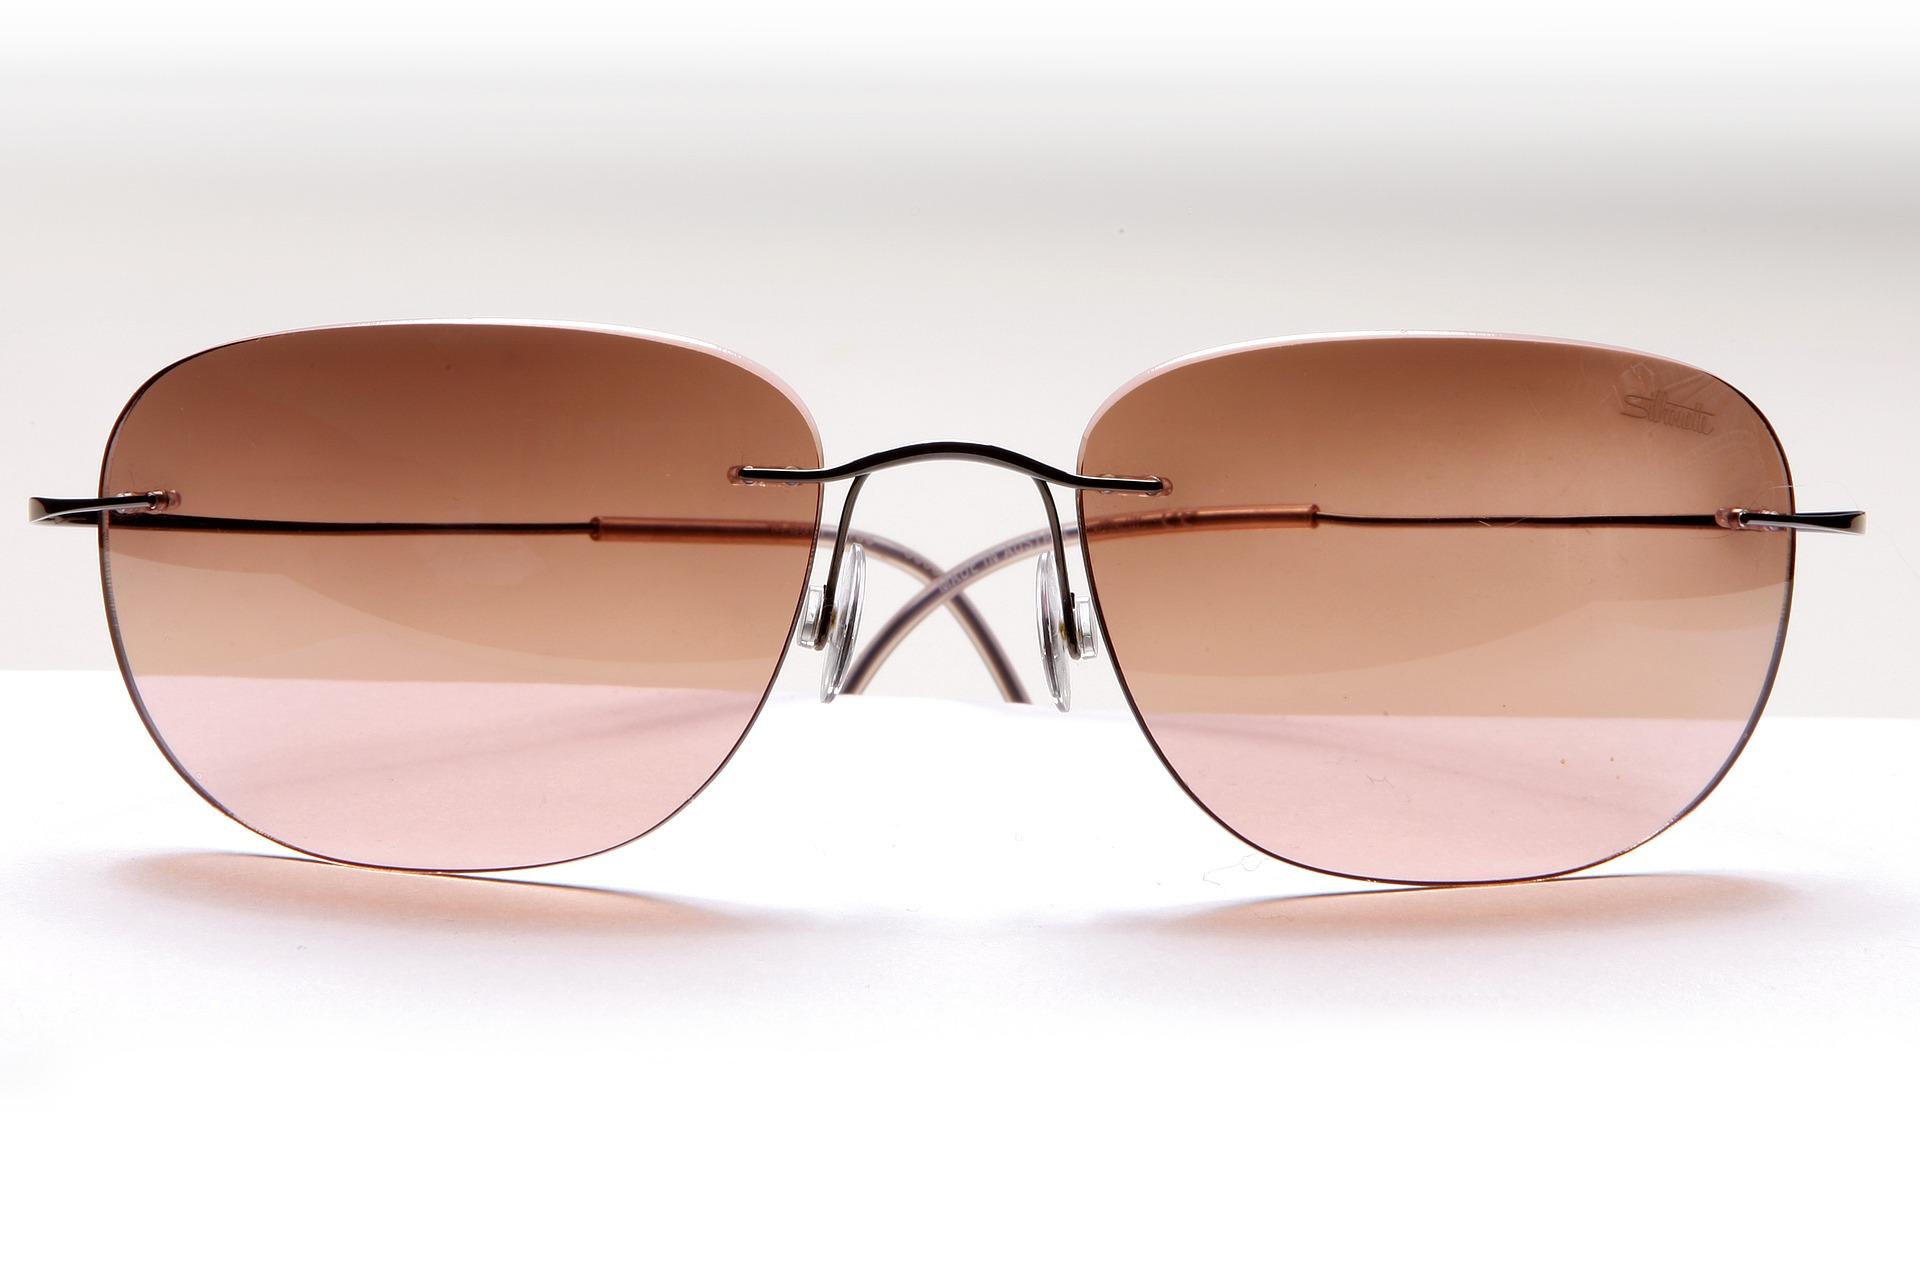 glasses-1333433_1920